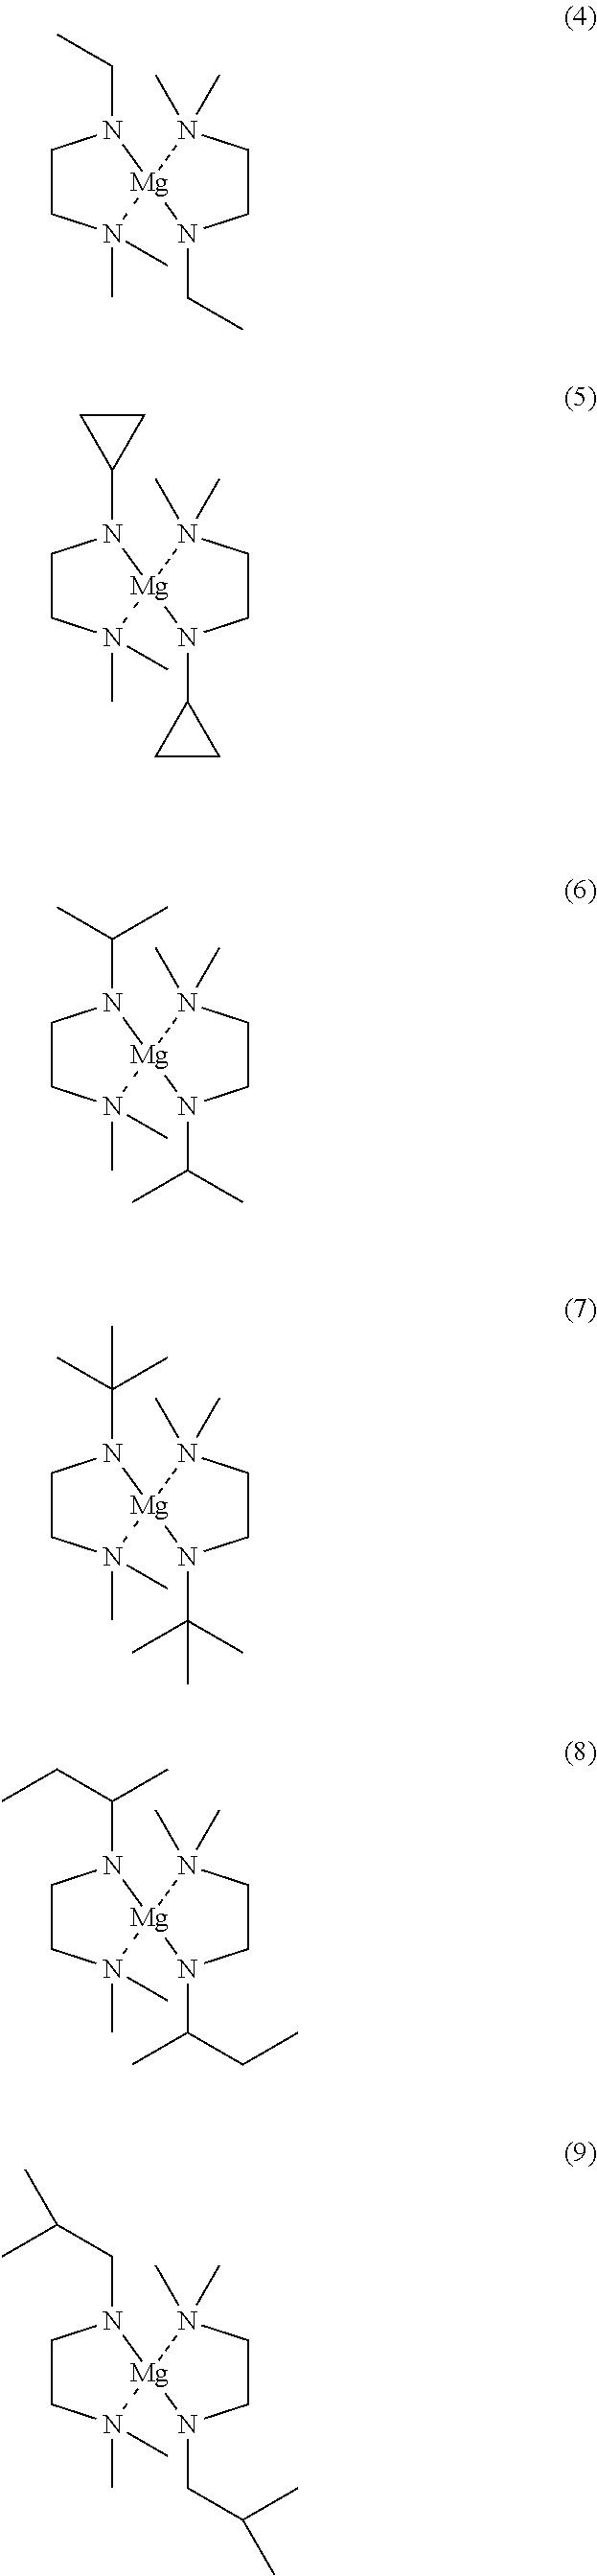 Figure US08871304-20141028-C00092